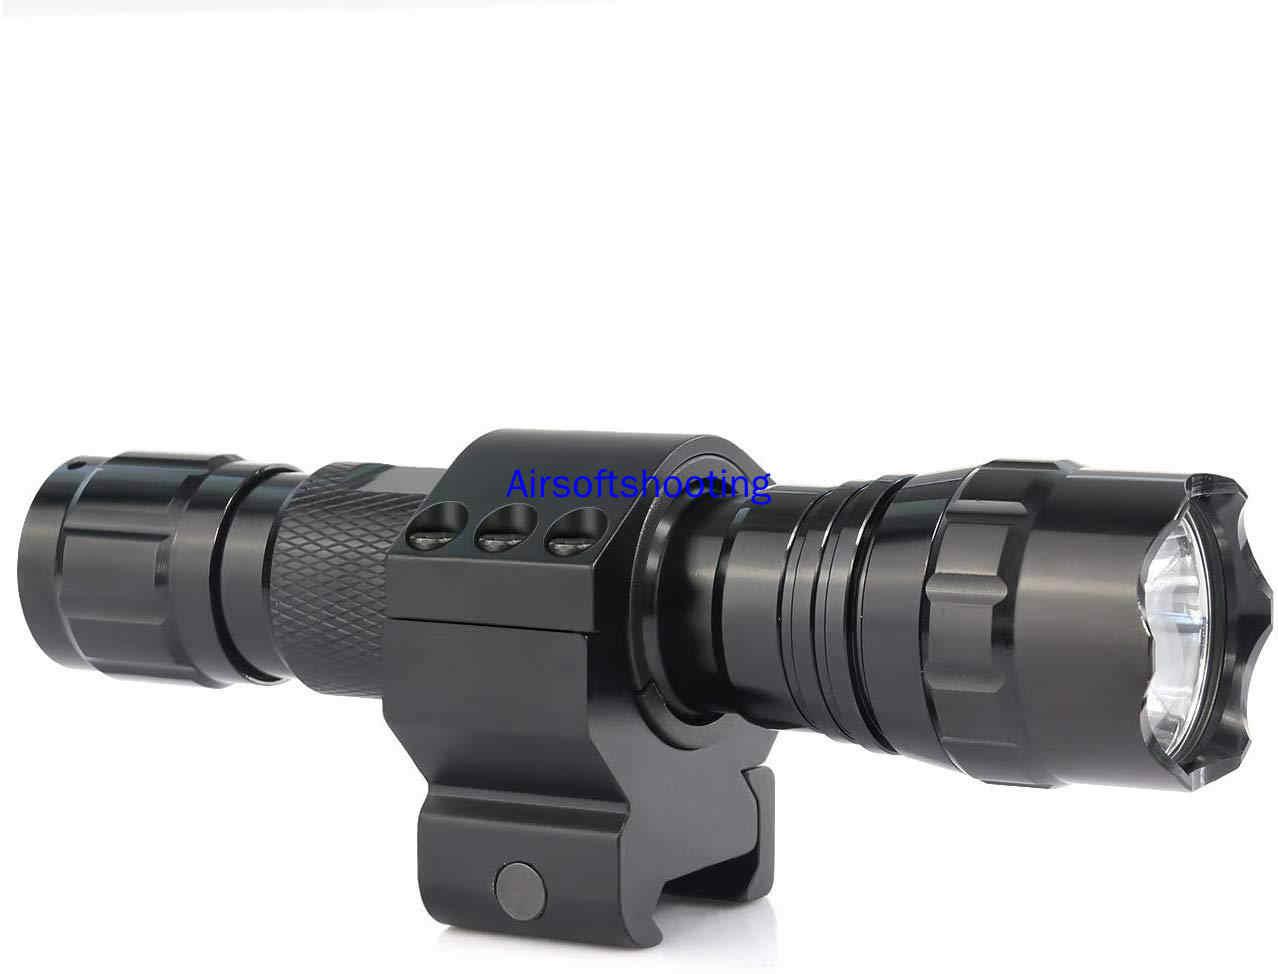 2 stücke Jagd luftgewehr gun Montieren Ringe 1 Zoll 30mm 25,4mm Medium Profil für 20/21mm picatinny Schienen (2 Stück)